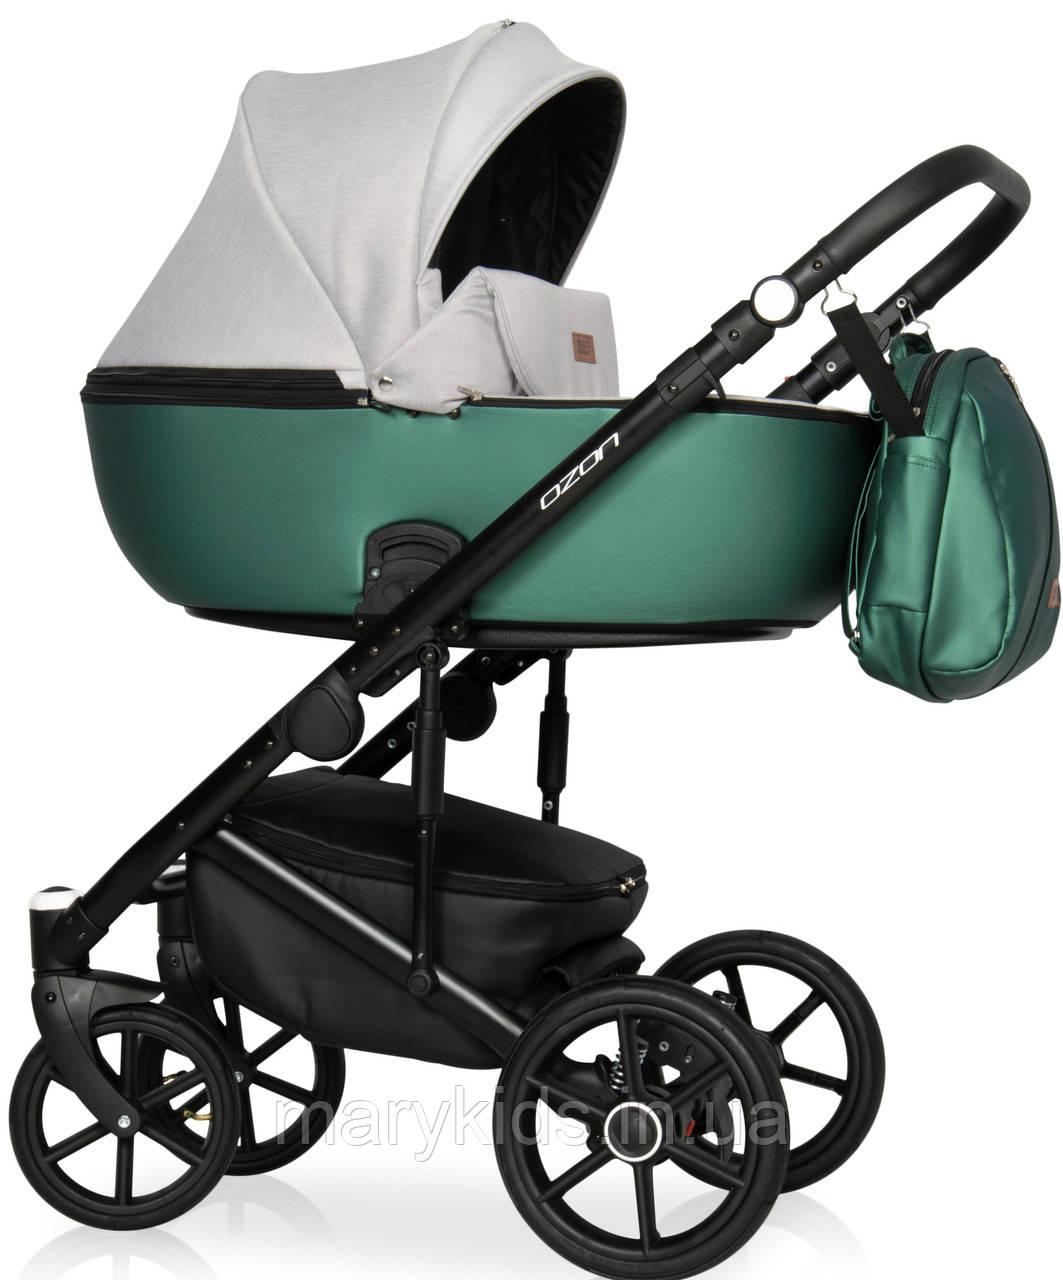 Детская универсальная коляска 2 в 1 Riko Ozon Shine 05